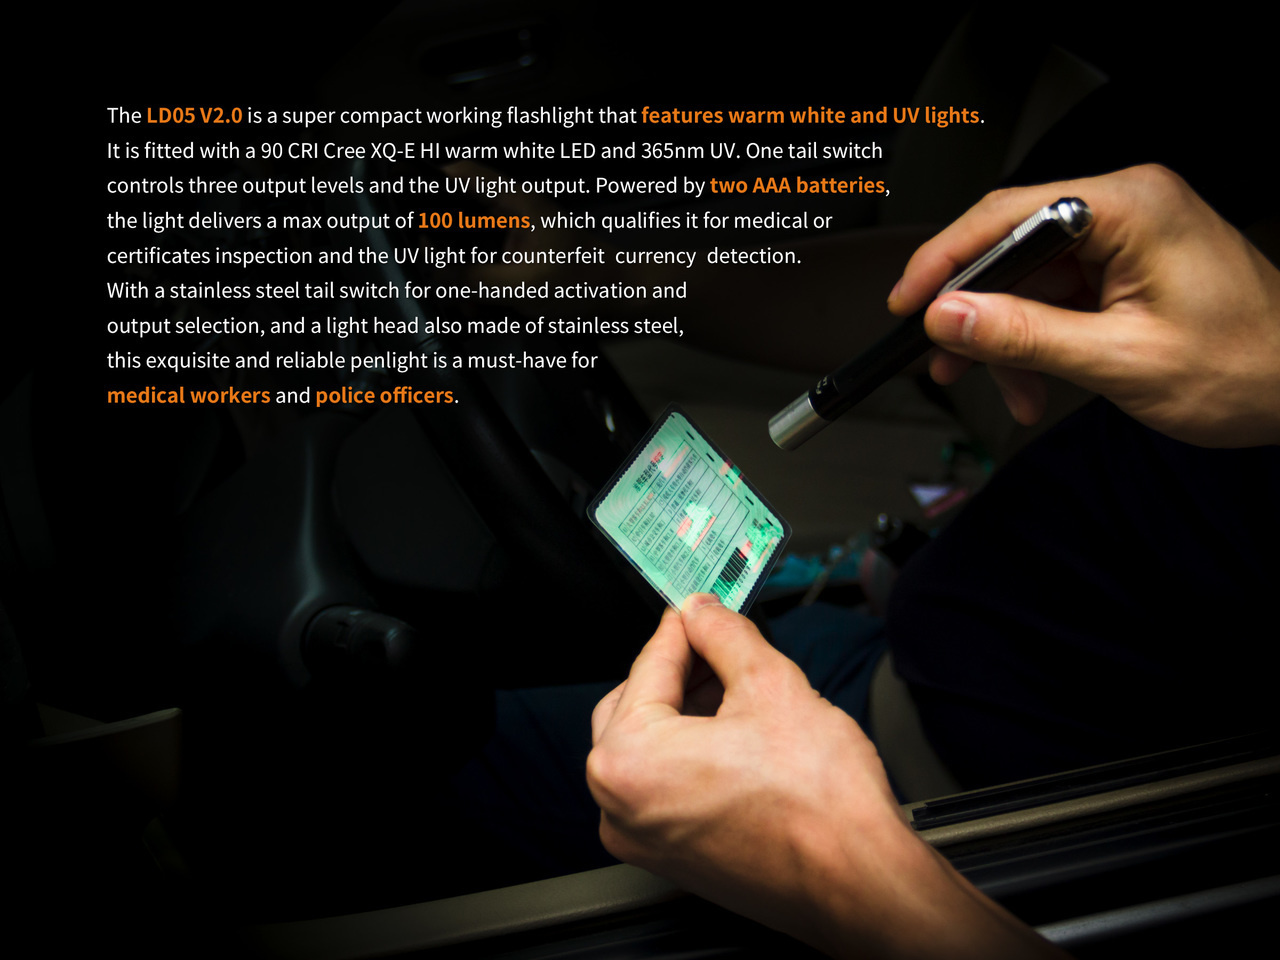 Fenix Fenix LD05 V2.0 EDC LED Flashlight with UV lighting